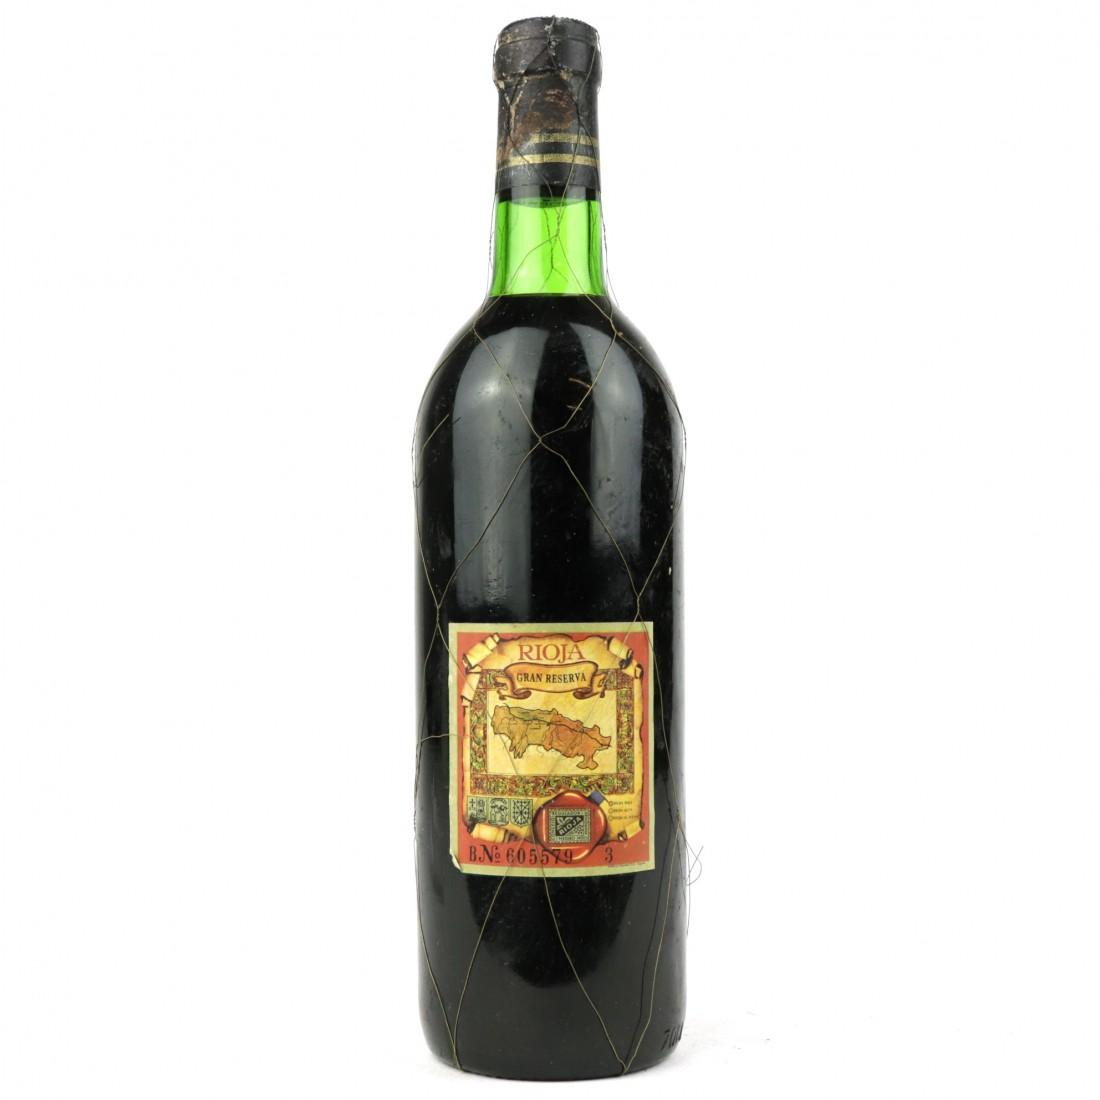 Gonzalo de Berceo 1970 Rioja Gran Reserva